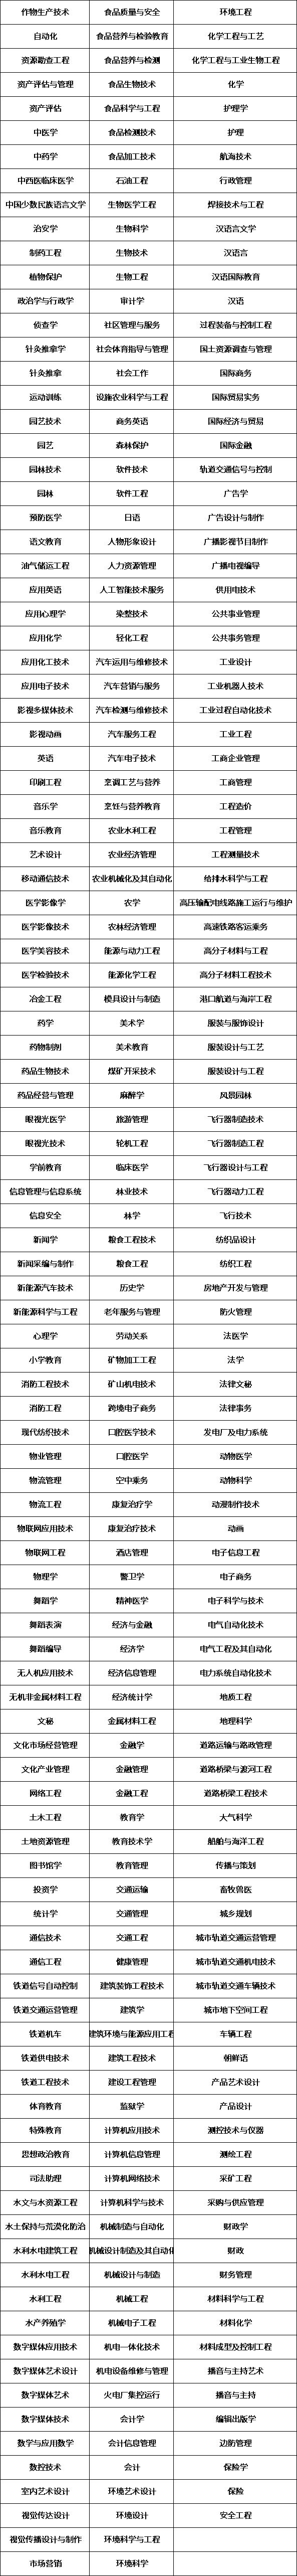 山东成人高考专业.png